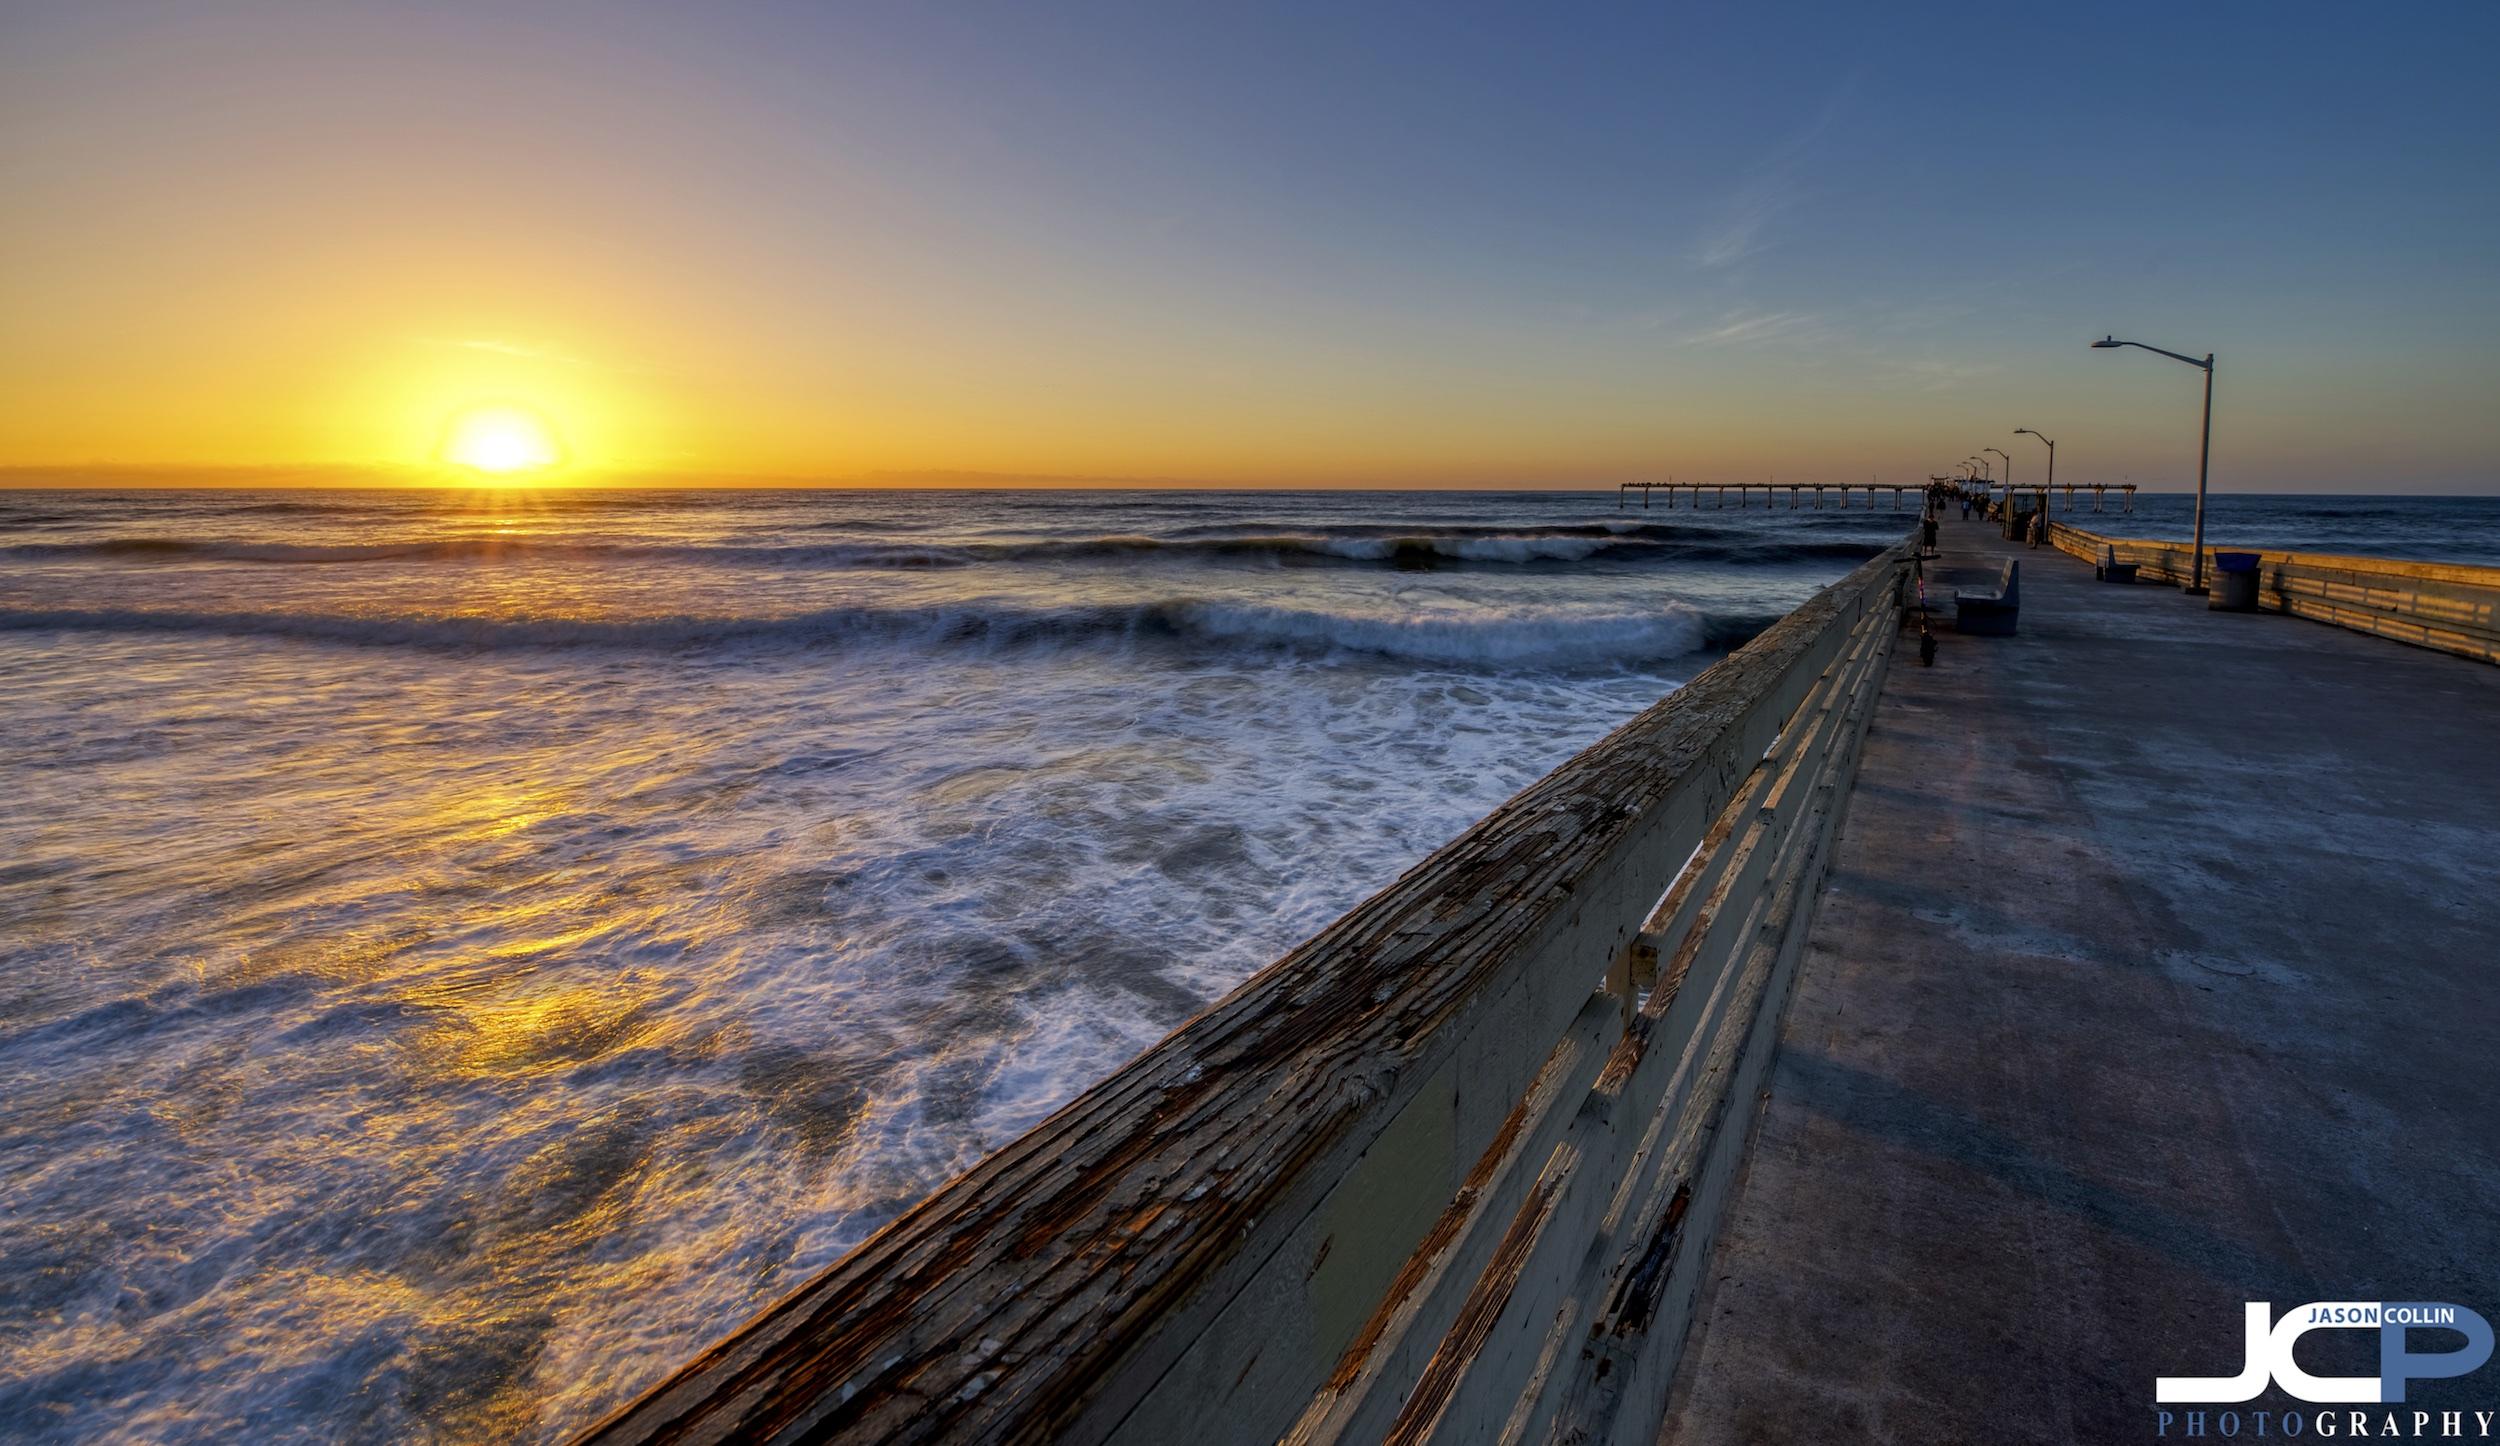 ocean-beach-12-27-2018-sd-115891.jpg